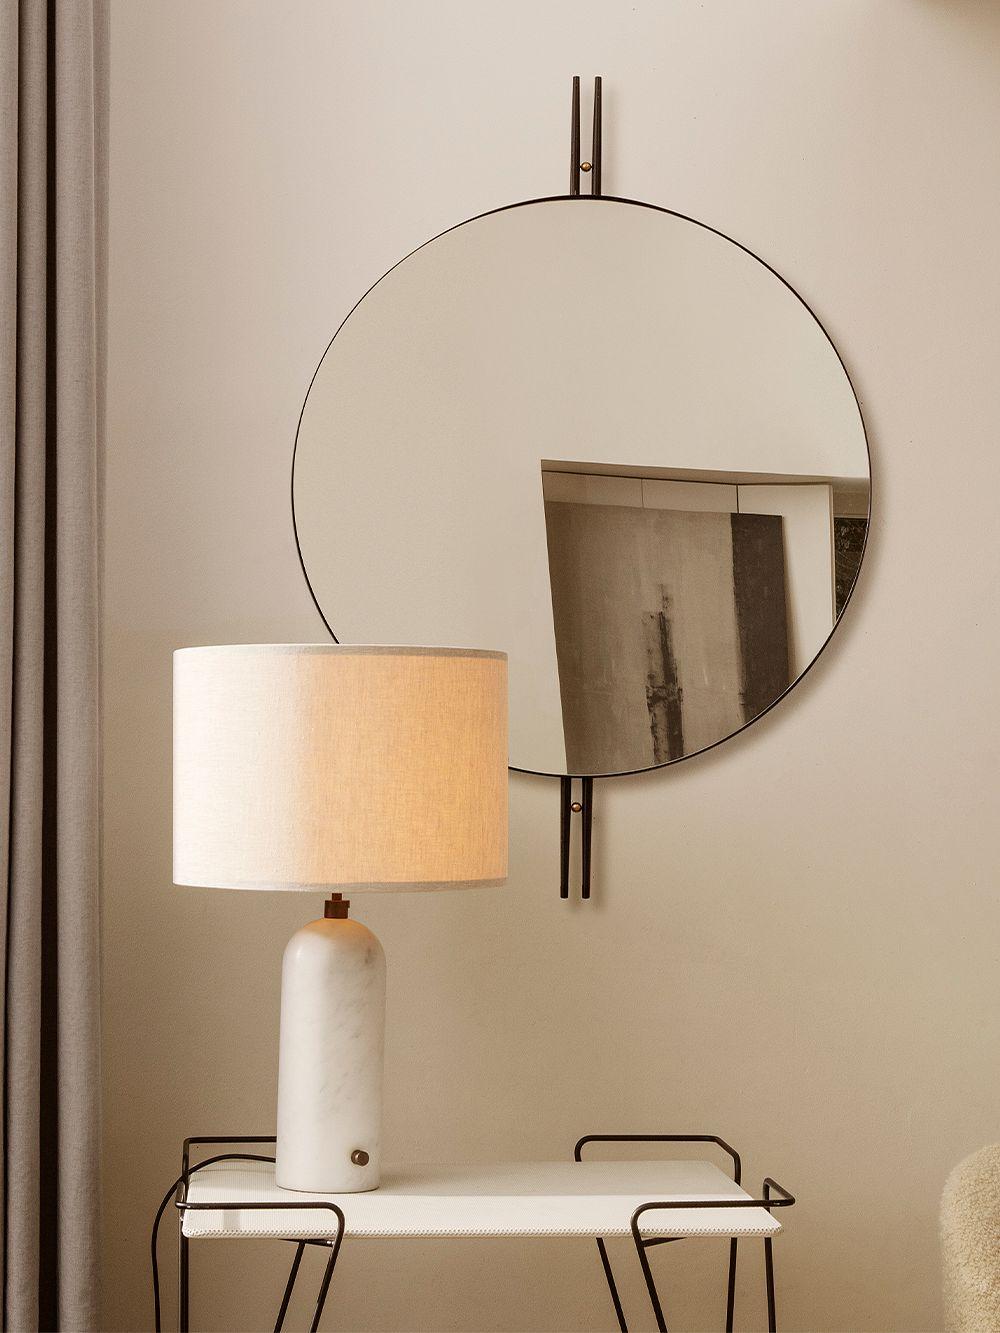 Gubi IOI wall mirror, 80 cm